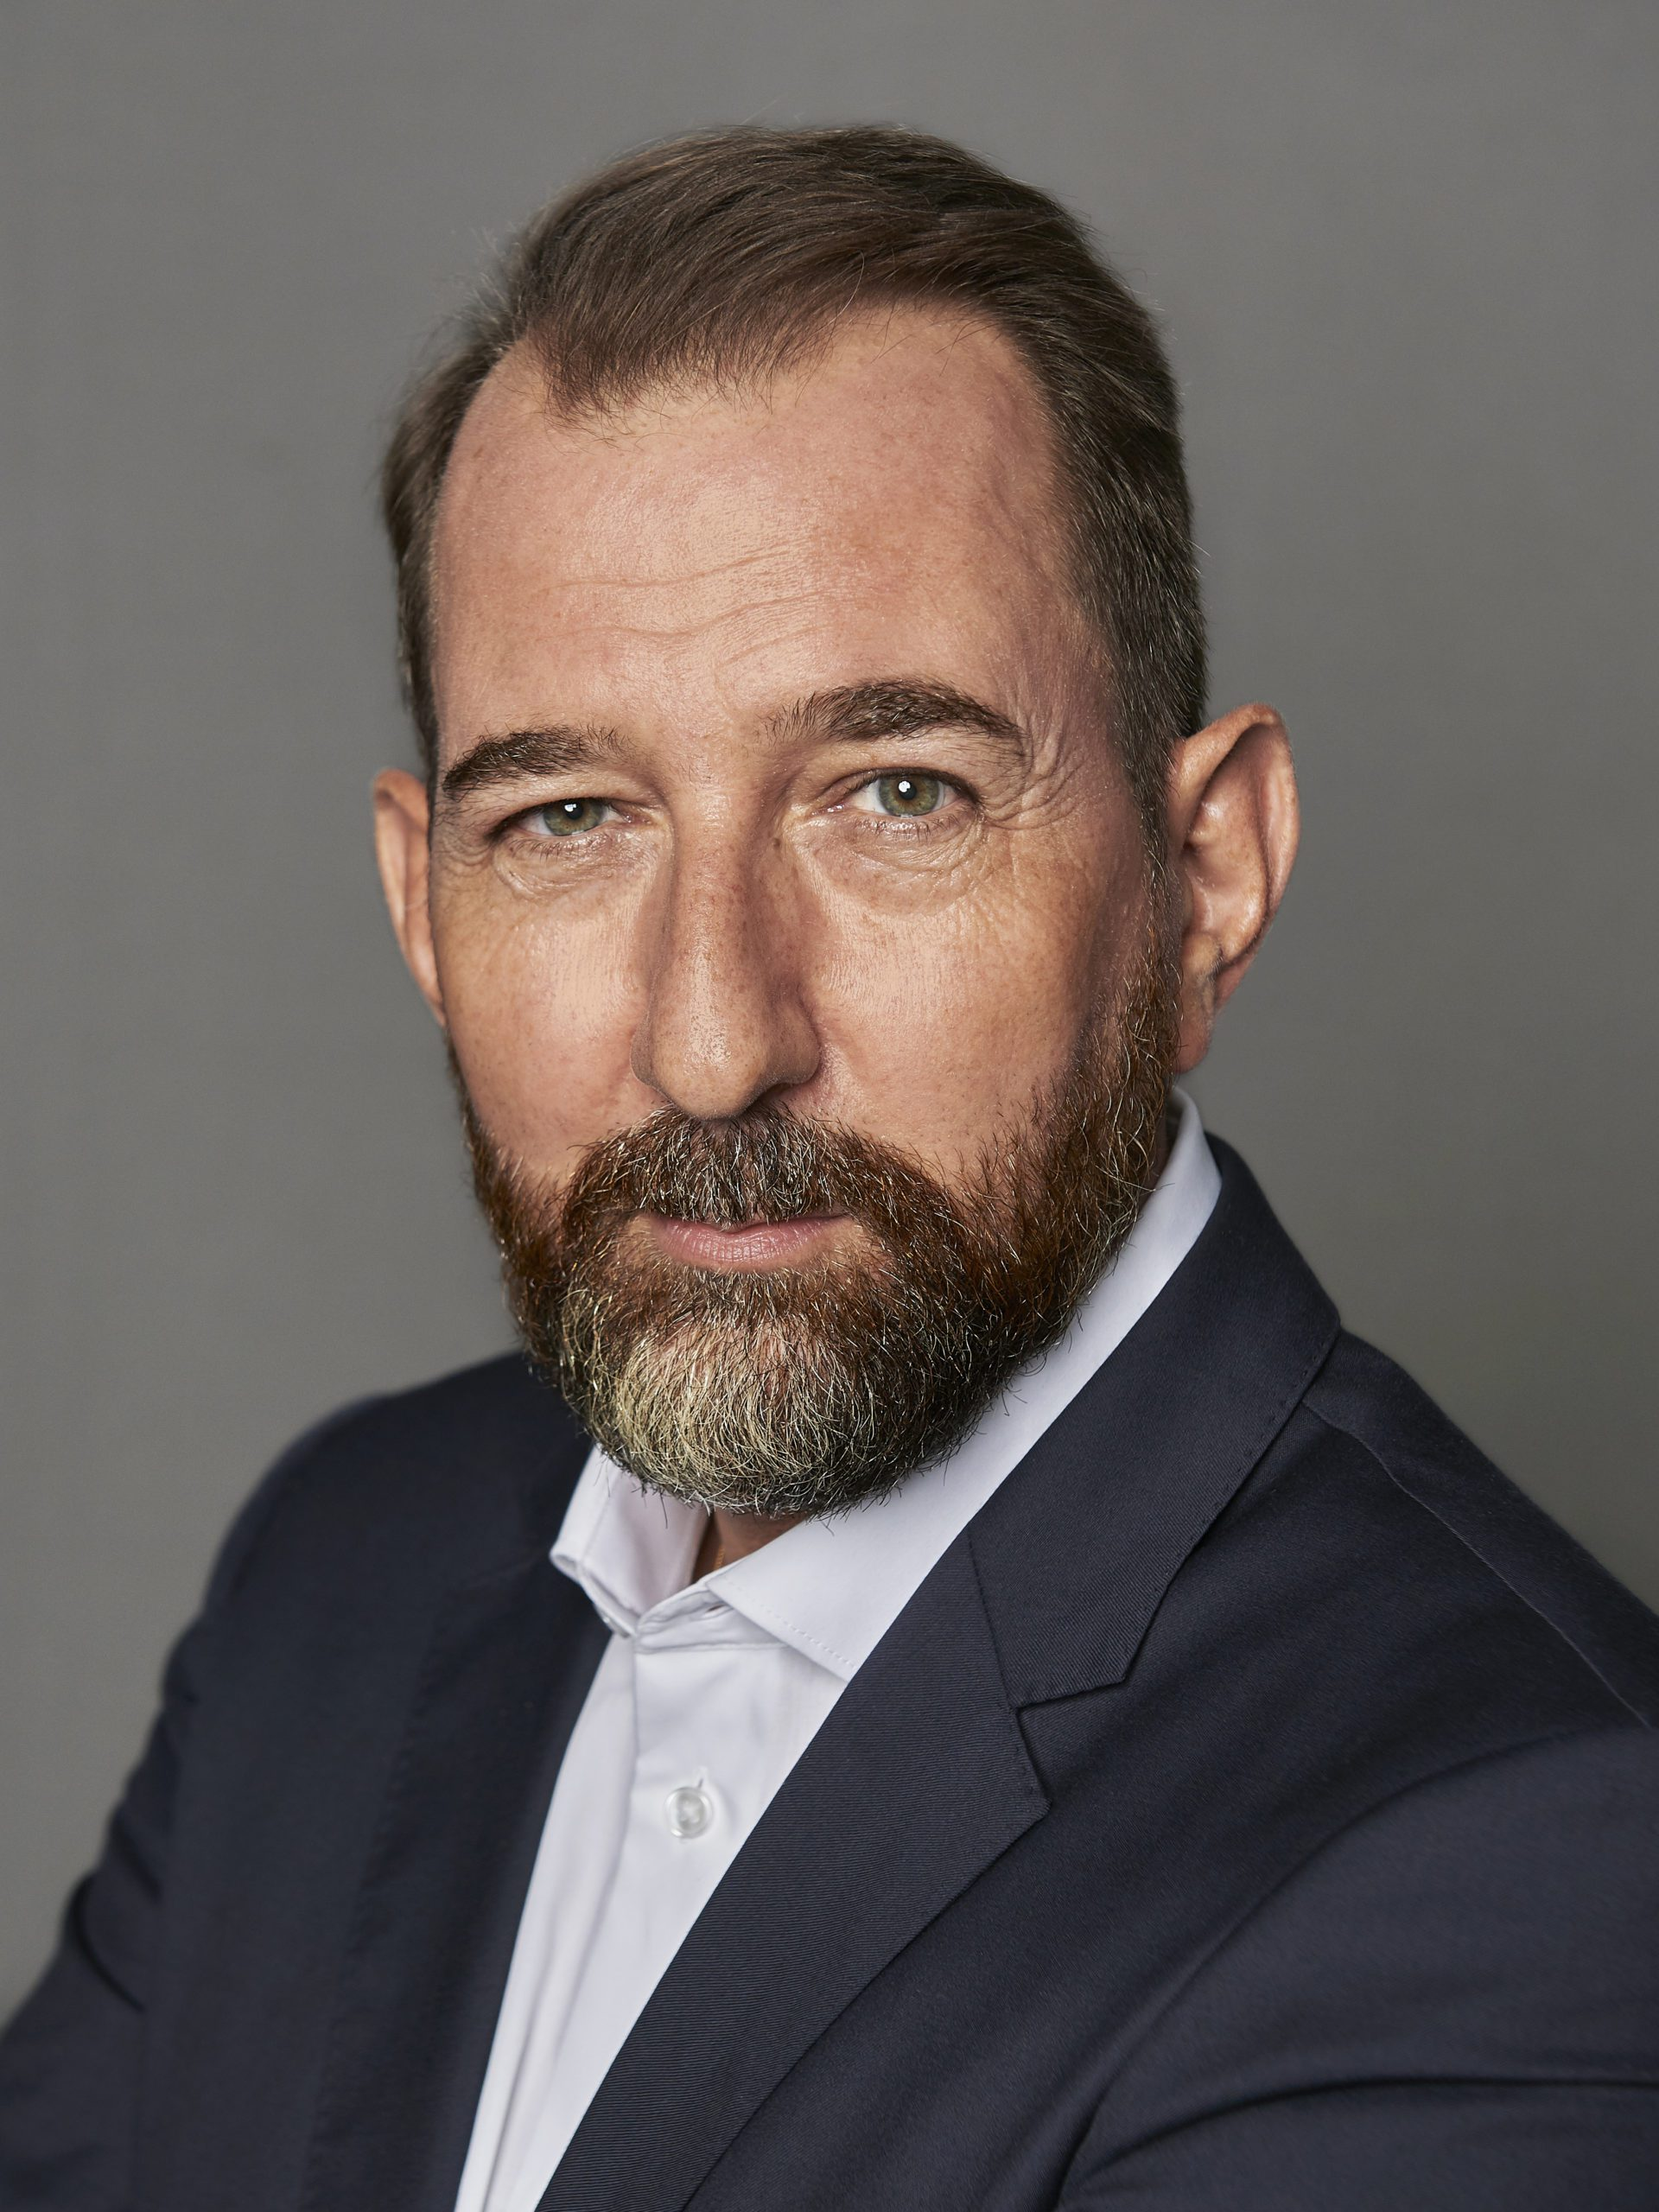 David Vogt